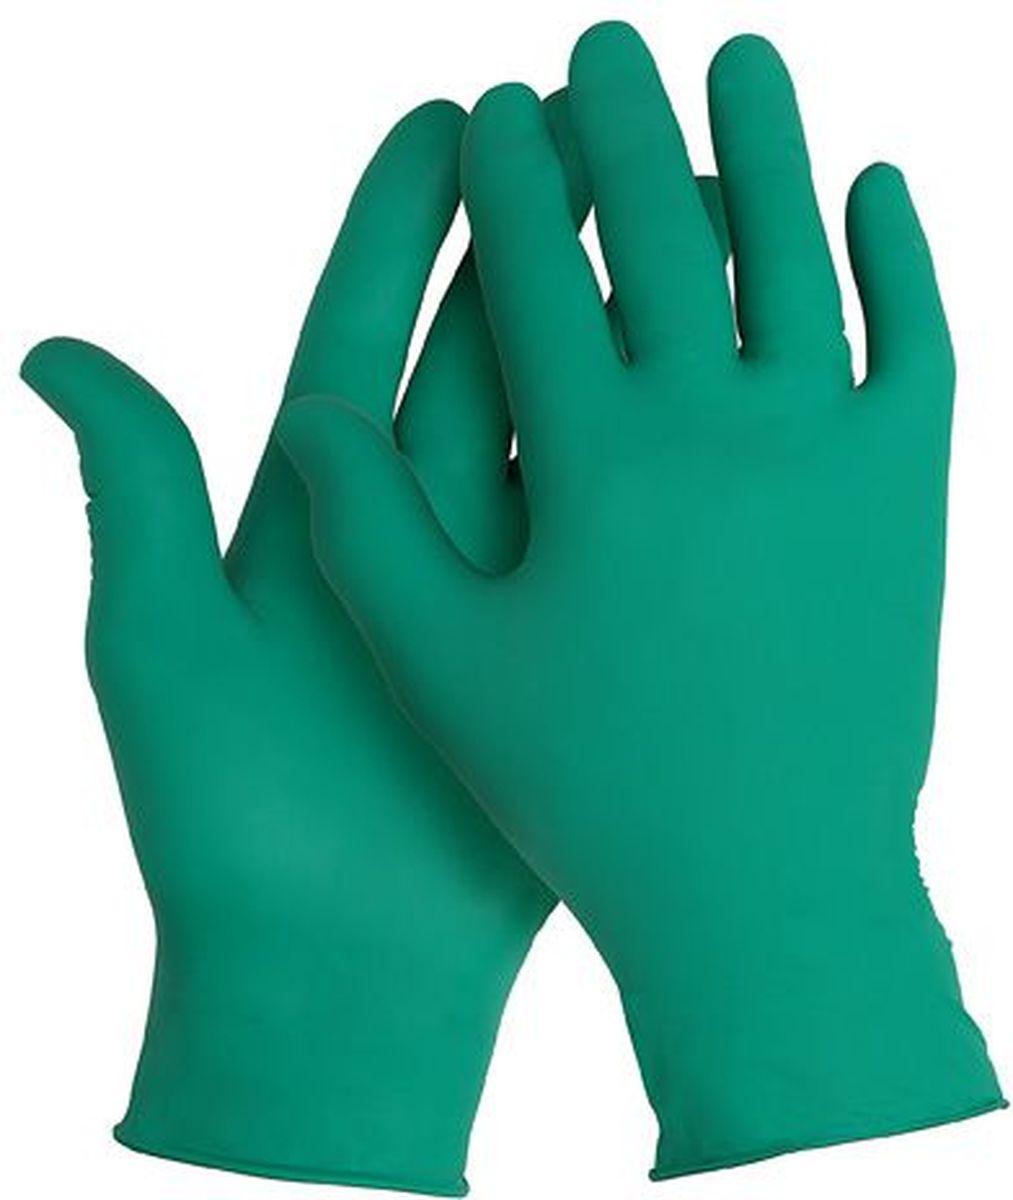 Перчатки хозяйственные Kleenguard G20, размер 9 (L), цвет: зеленый, 1250 шт90093Ассортимент перчаток для защиты рук от химических веществ и механических воздействий – повышают безопасность работ и сокращают затраты. Идеальное решение, обеспечивающее защиту уровня СИЗ категории III (CE Complex) от брызг химических веществ в медицине, полиграфии, сельском хозяйстве, на участках сборки и окраски автомобилей, при выполнении аварийных работ, сборе мусора, химических разливов и утилизации отходов. Не содержат латекс и присыпок. Прочные и эргономичные перчатки с высокой тактильной чувствительностью. Могут быть использованы в пищевой промышленности или HoReCa.Формат поставки: сверхтонкие перчатки с универсальным дизайном для обеих рук; не содержат присыпку и латекс; усиленная манжета для дополнительной прочности, рельефная поверхность пальцев для лучшего захвата; широкий ассортимент размеров – от XS до XL – обеспечивает комфортное ношение.Размеры:90090 - XS (6)90091 - S (7)90092 - M (8)90093 - L (9)